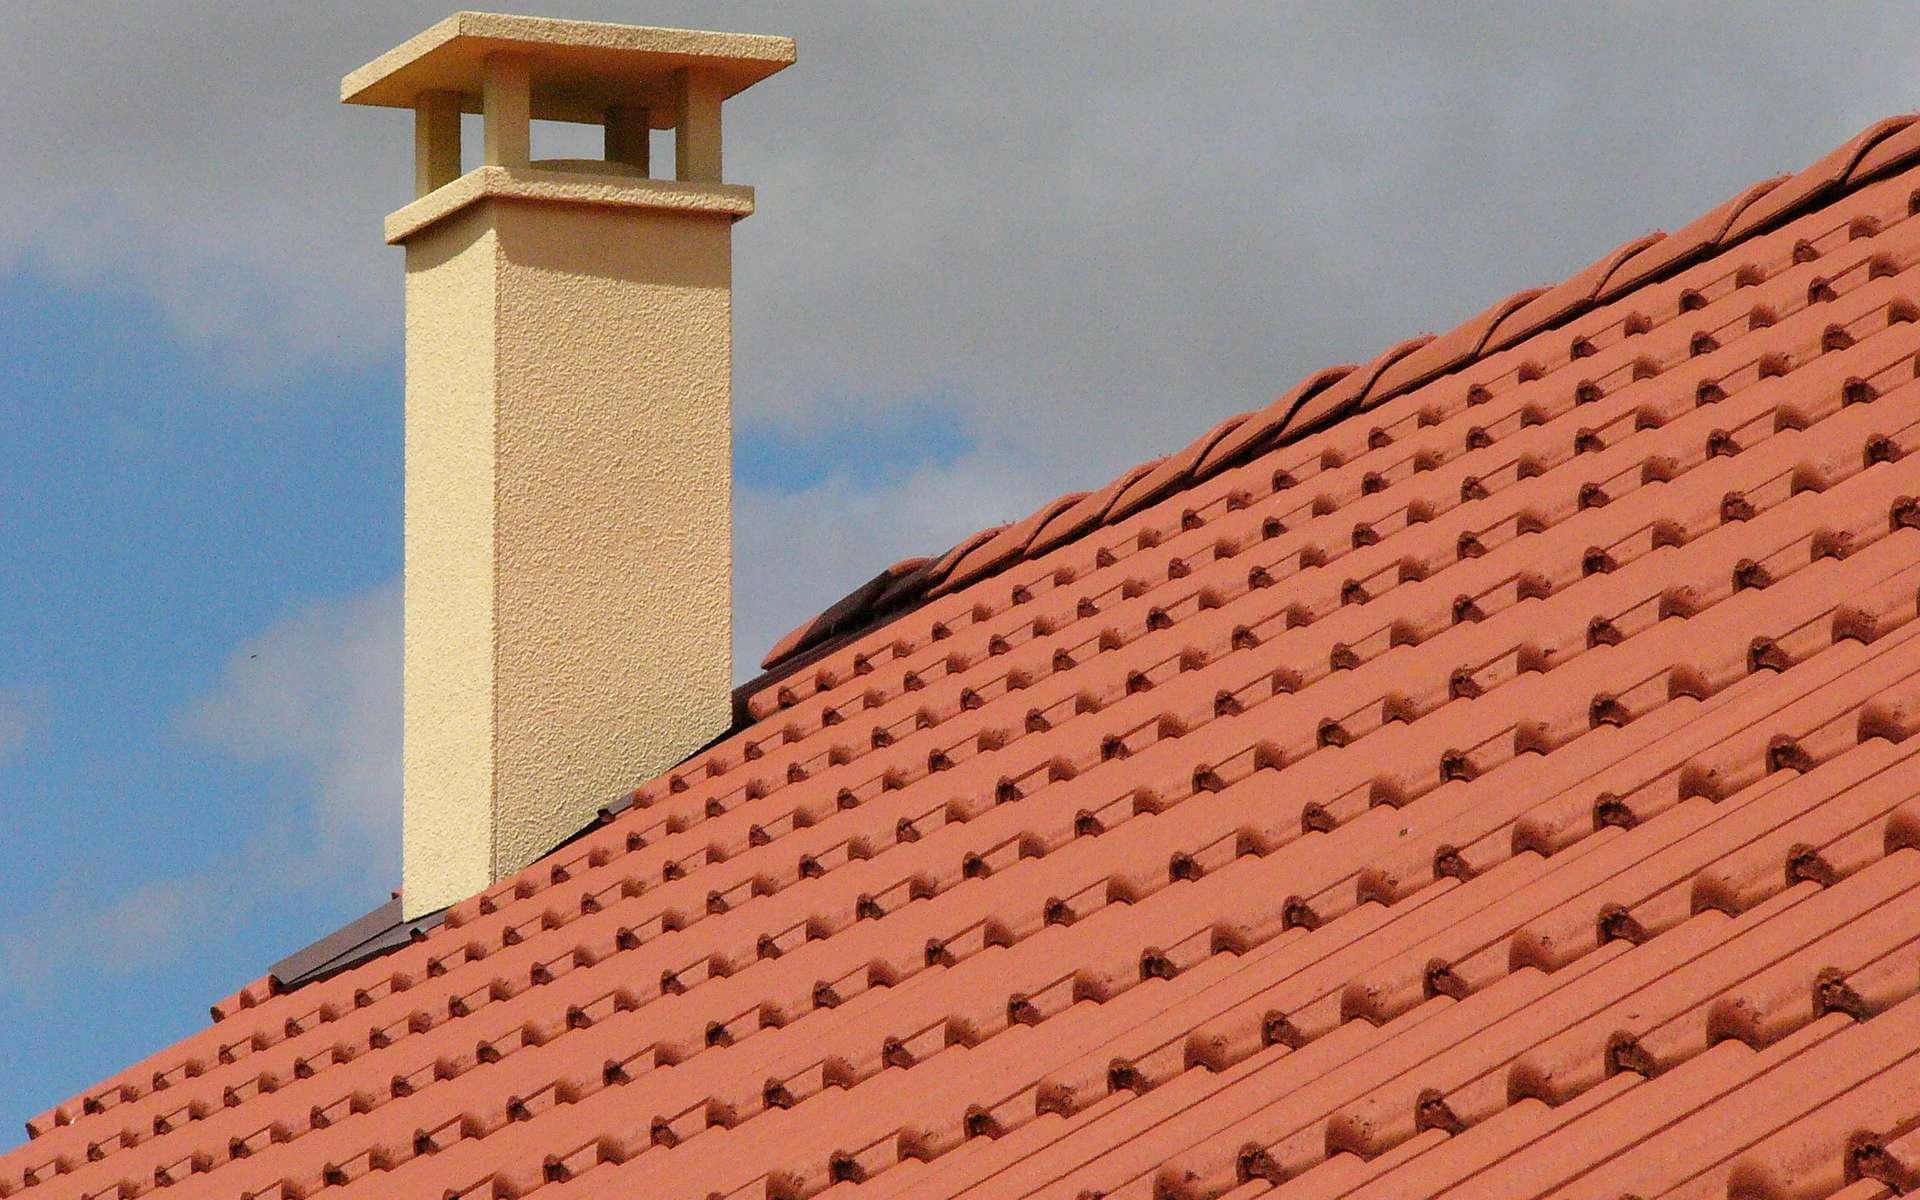 L'alèze est un élément en métal qui permet de faire une jonction entre le toit et la souche de la cheminée. © zigazou76, CC BY 2.0, Flickr